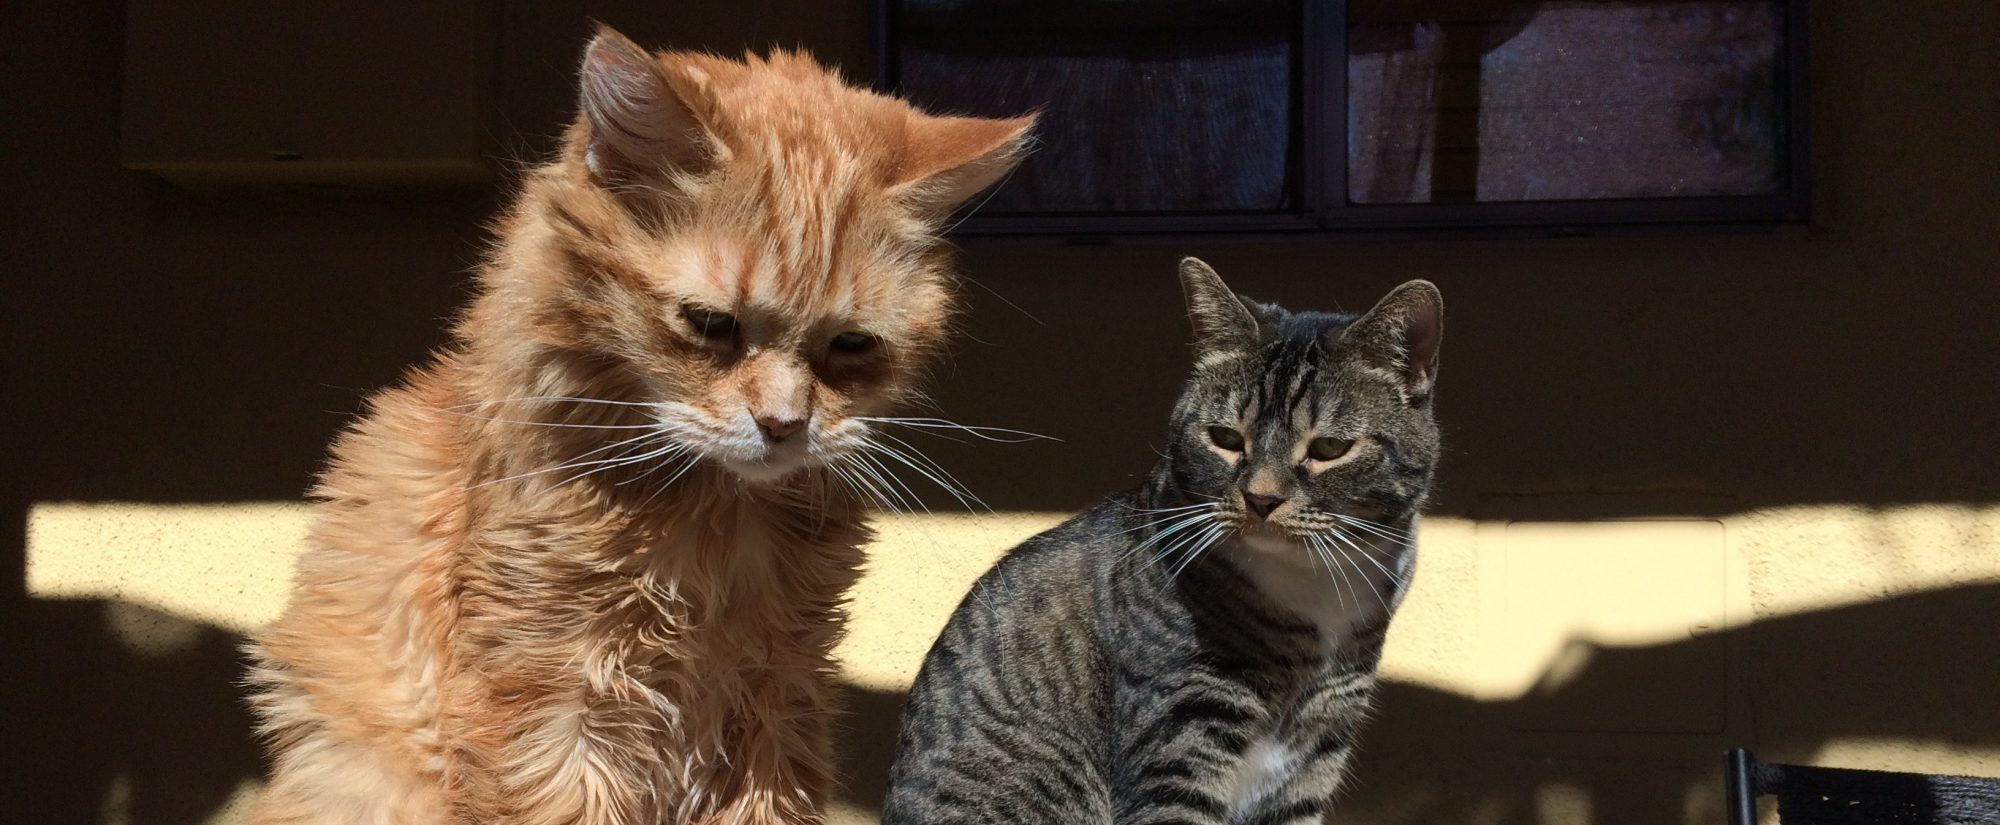 Kat's Kitties